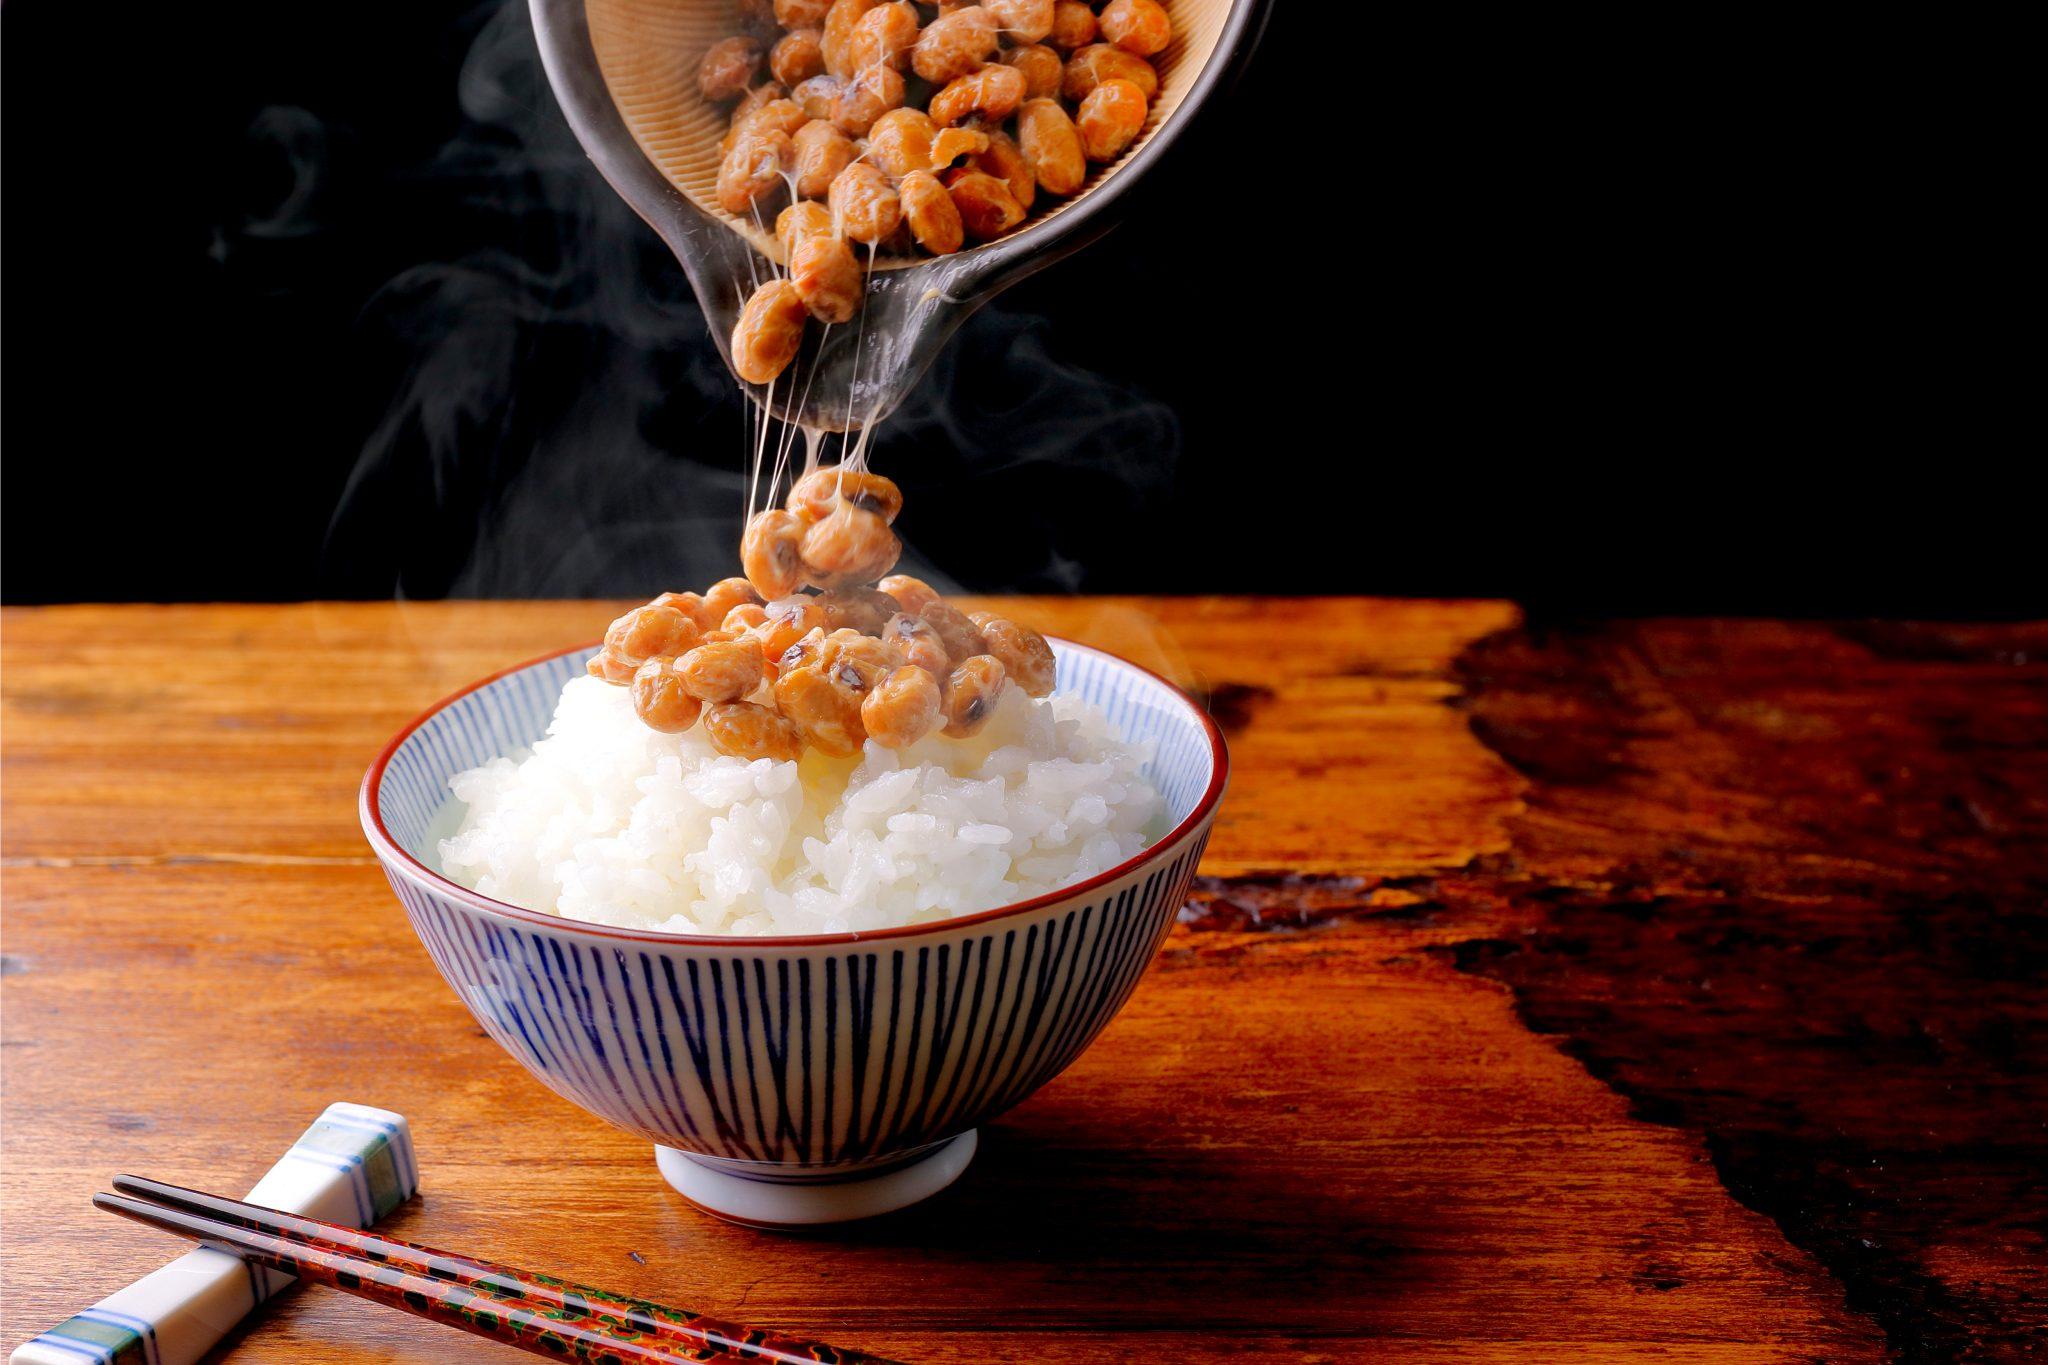 納豆を炊き立ての白米にかけているところ